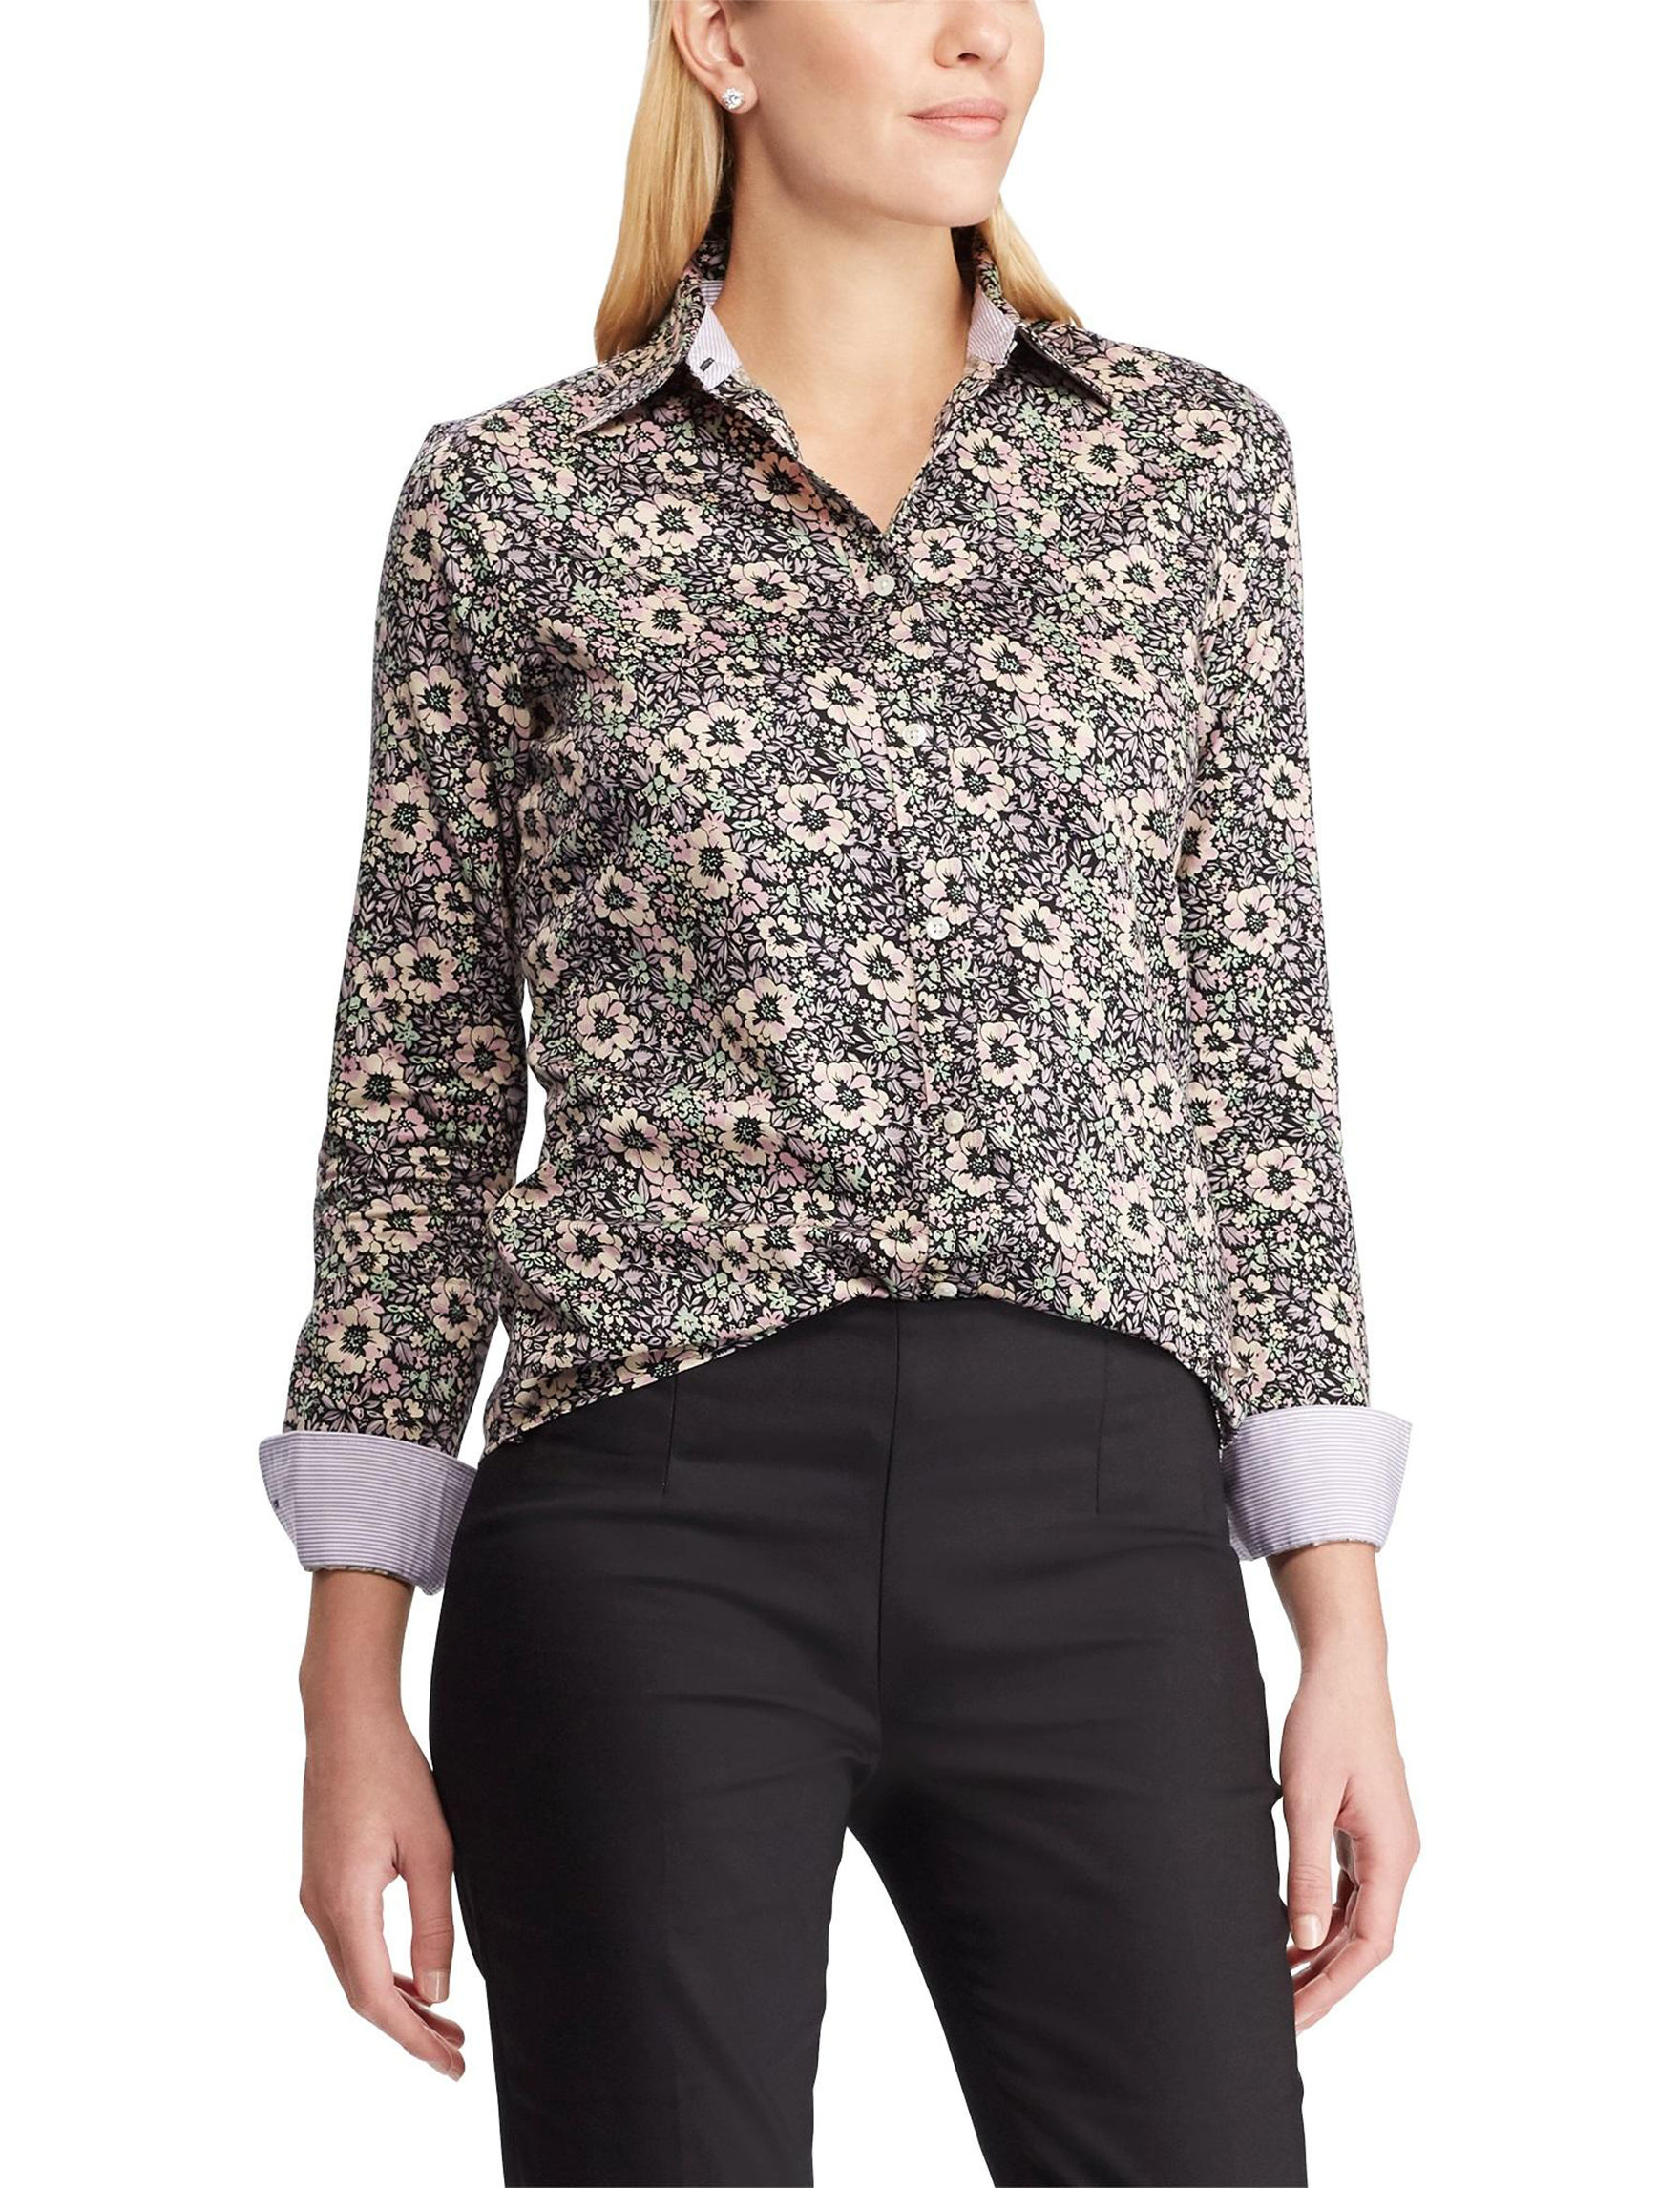 Chaps Black Floral Shirts & Blouses